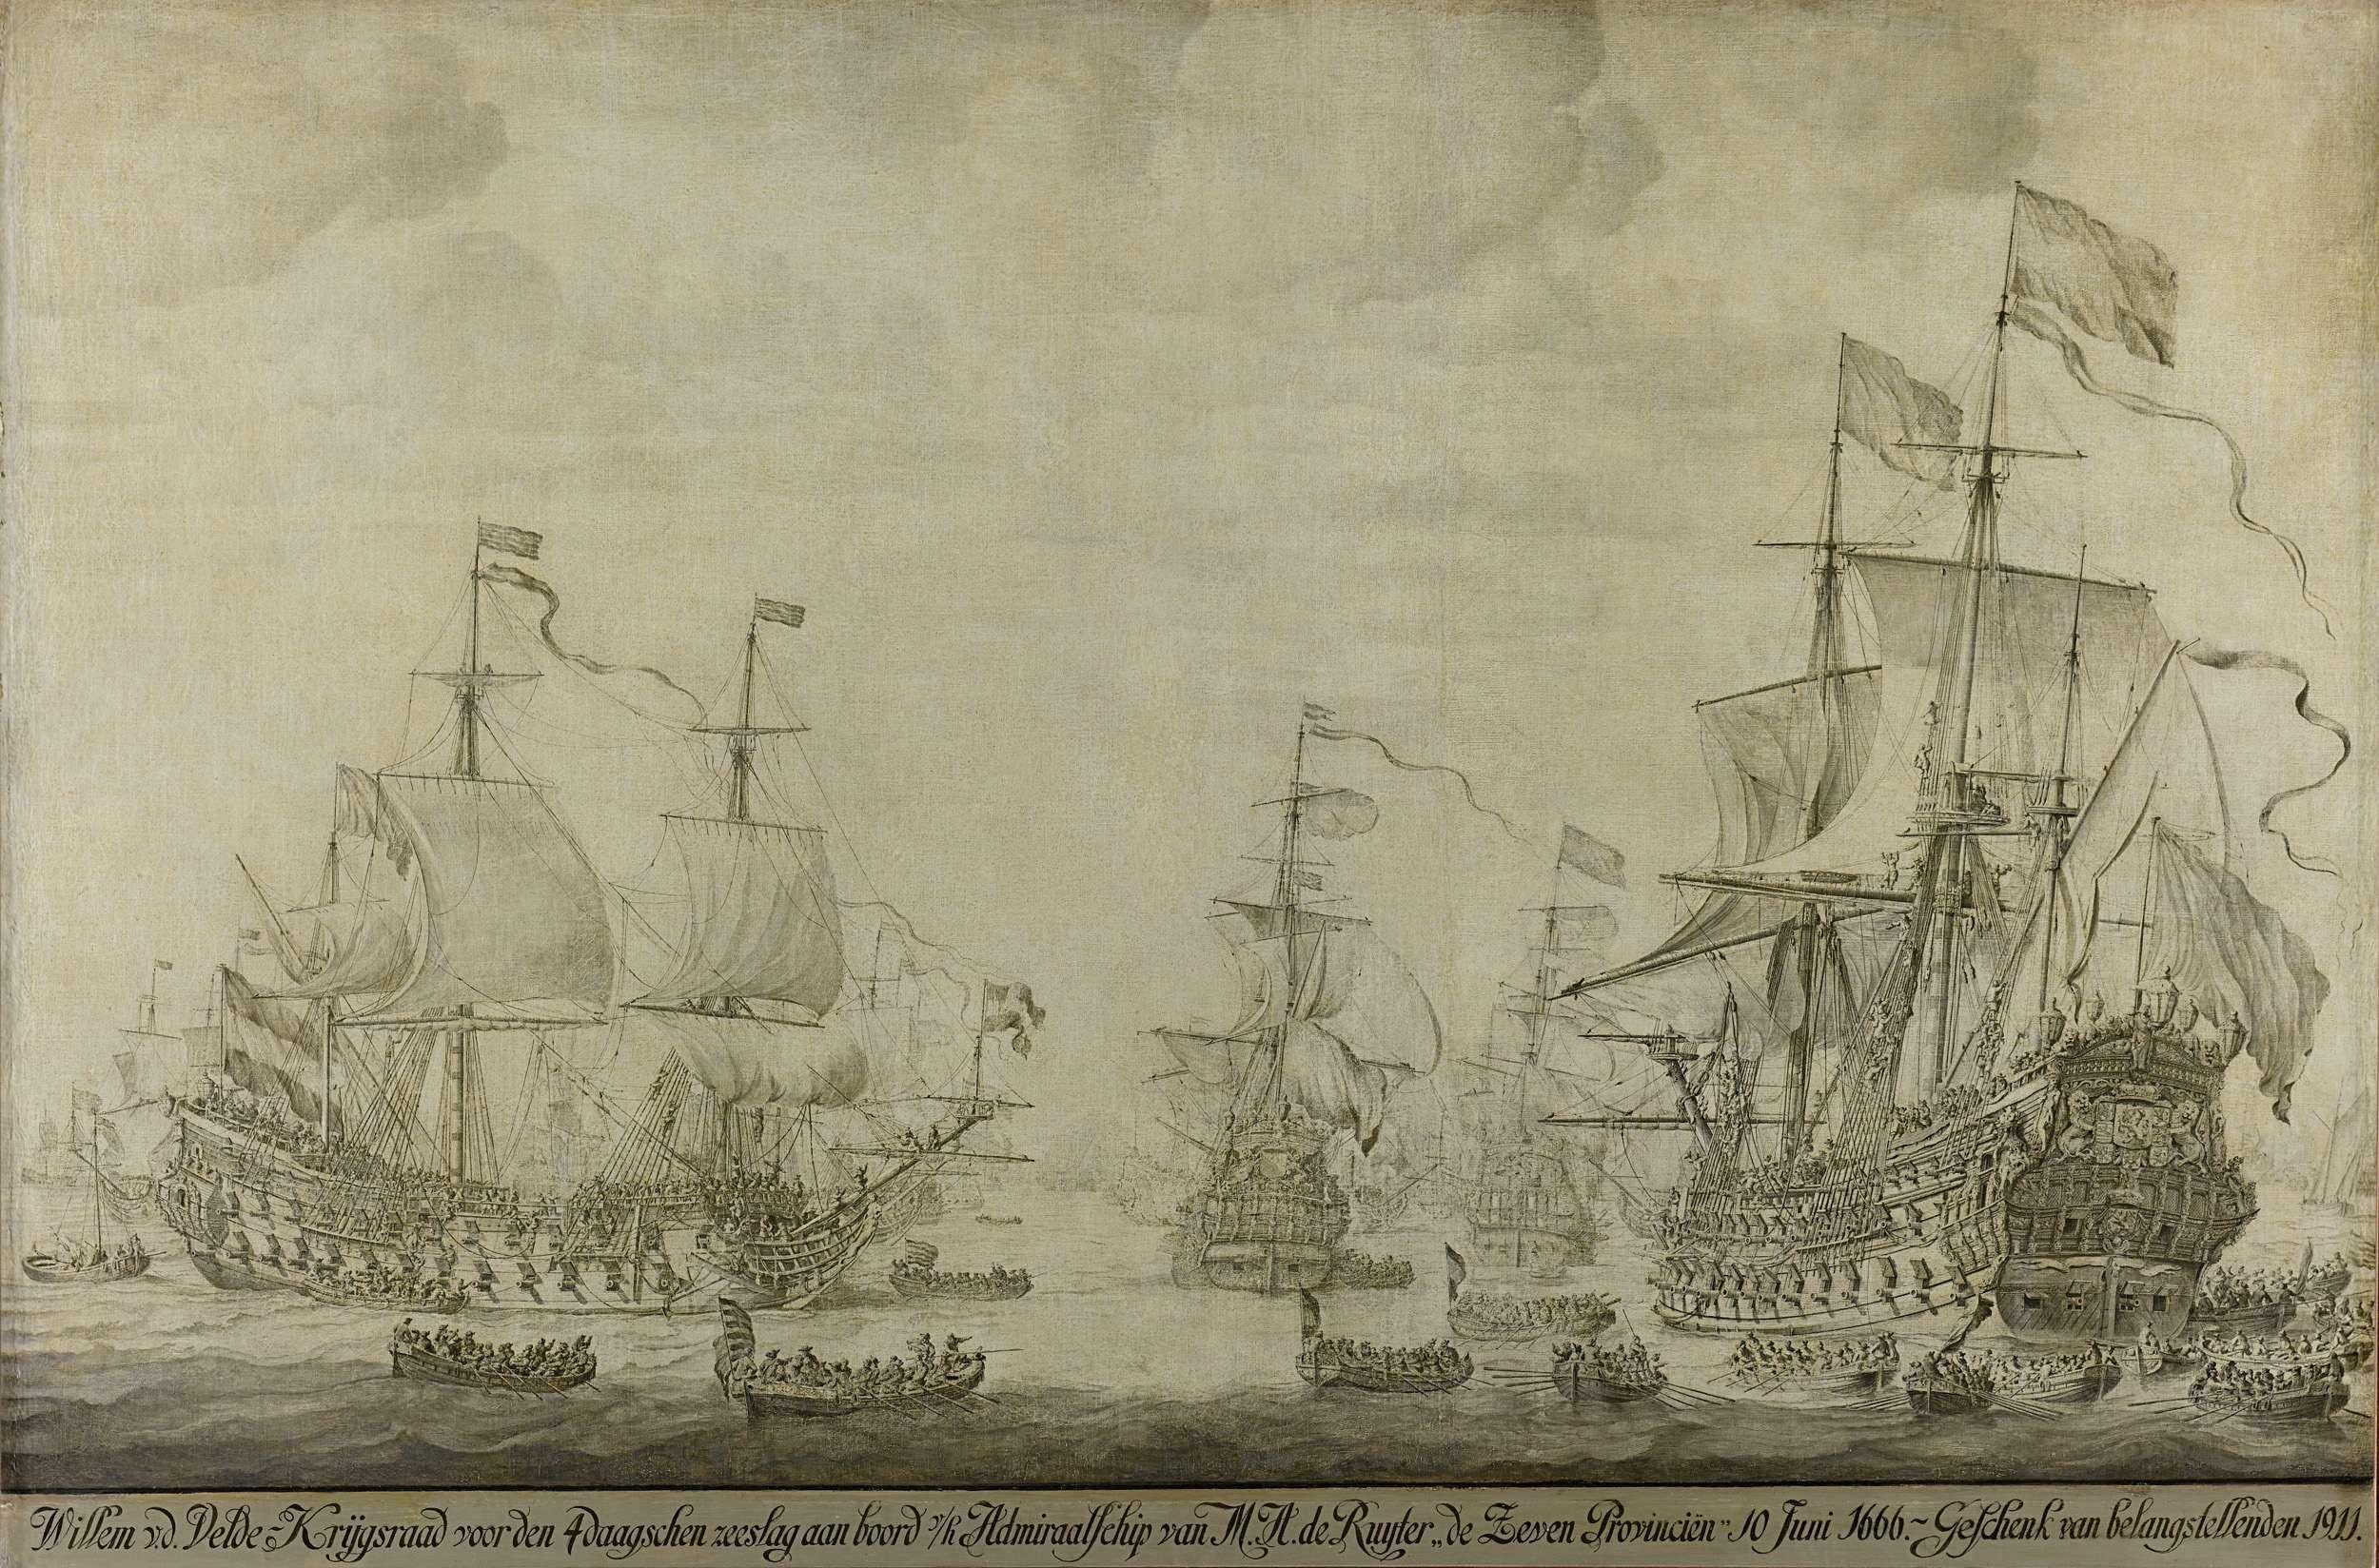 De krijgsraad aan boord van de De Zeven Provinciën, het admiraalsschip van Michiel Adriaensz de Ruyter, 10 juni 1666, voorafgaande aan de vierdaagse zeeslag, episode uit de Tweede Engelse Zeeoorlog., Willem van de Velde (I), 1666 - 1693